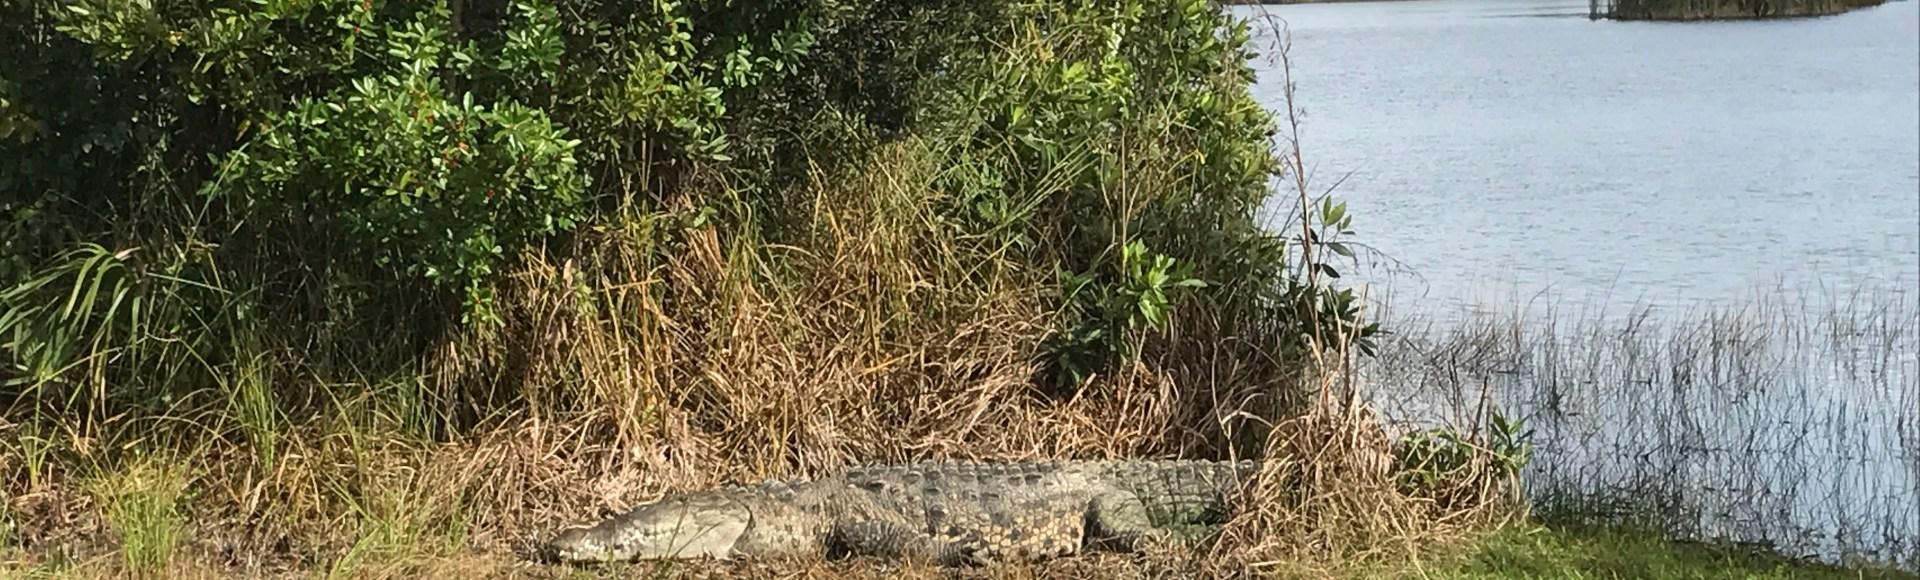 Everglades Alligator Adventures